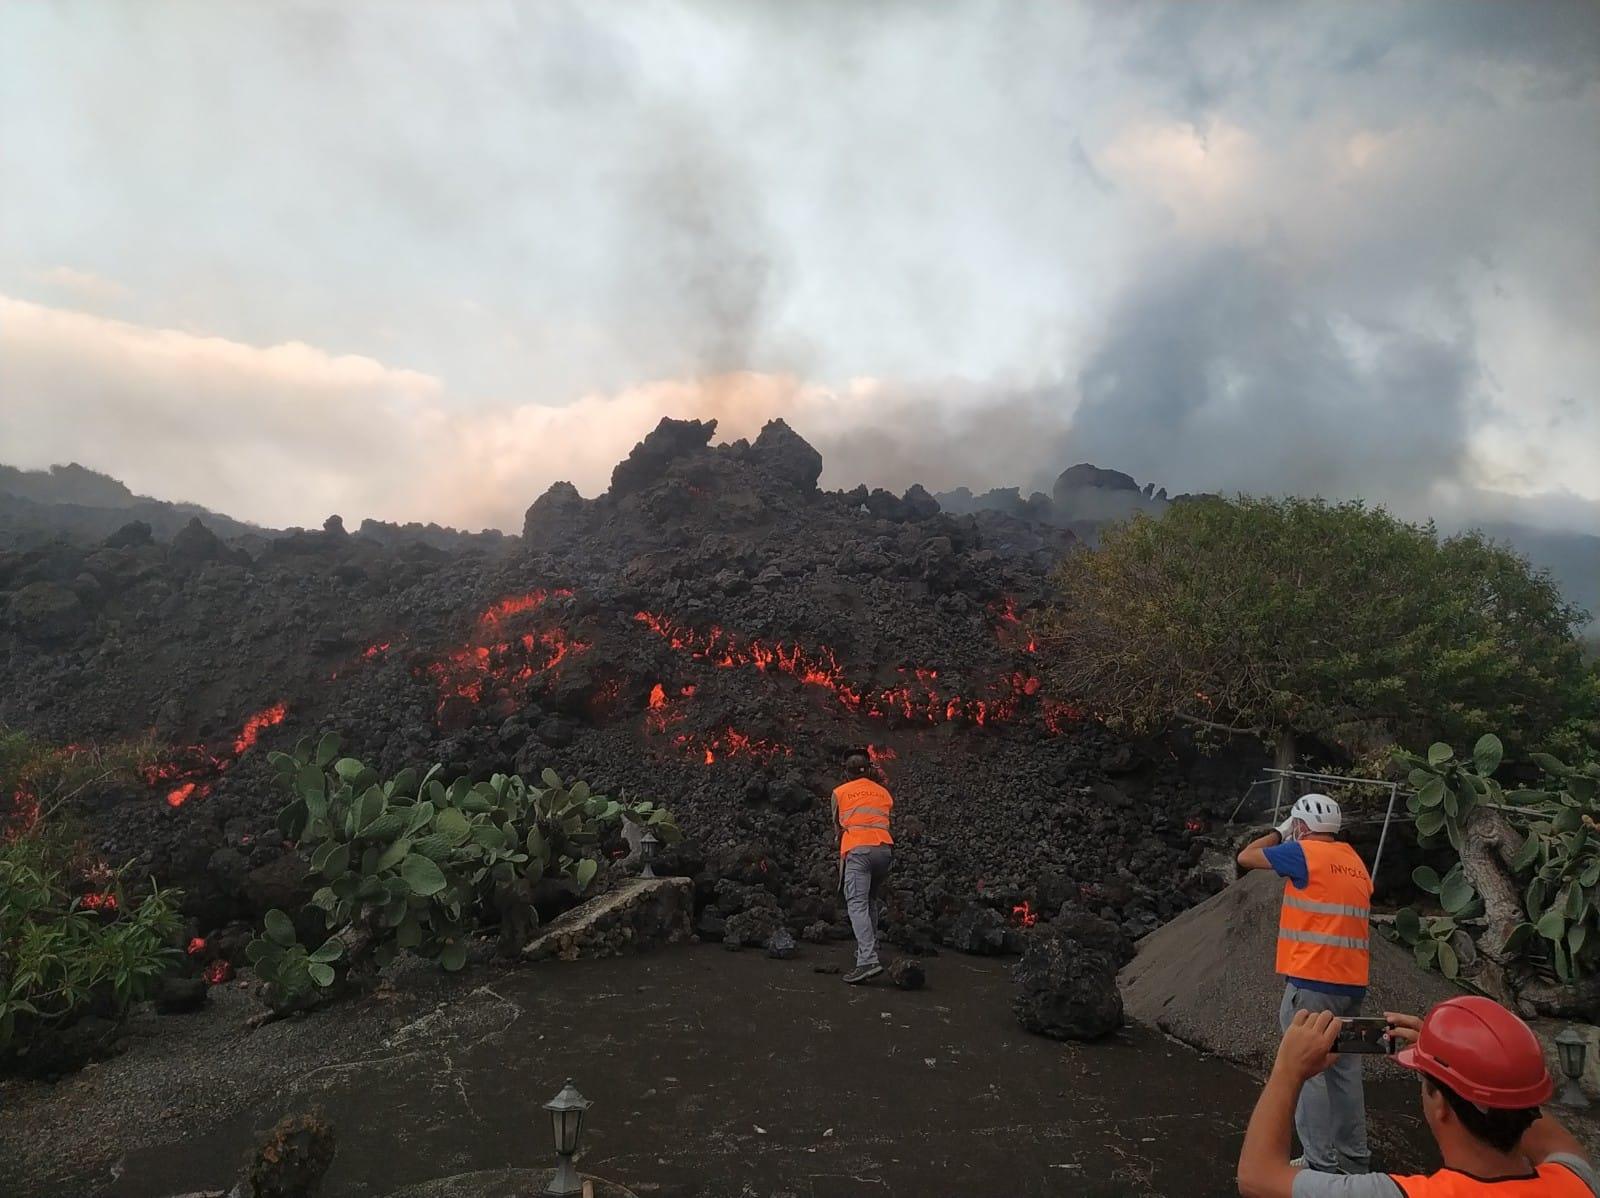 加那利岛火山在两周后继续喷发